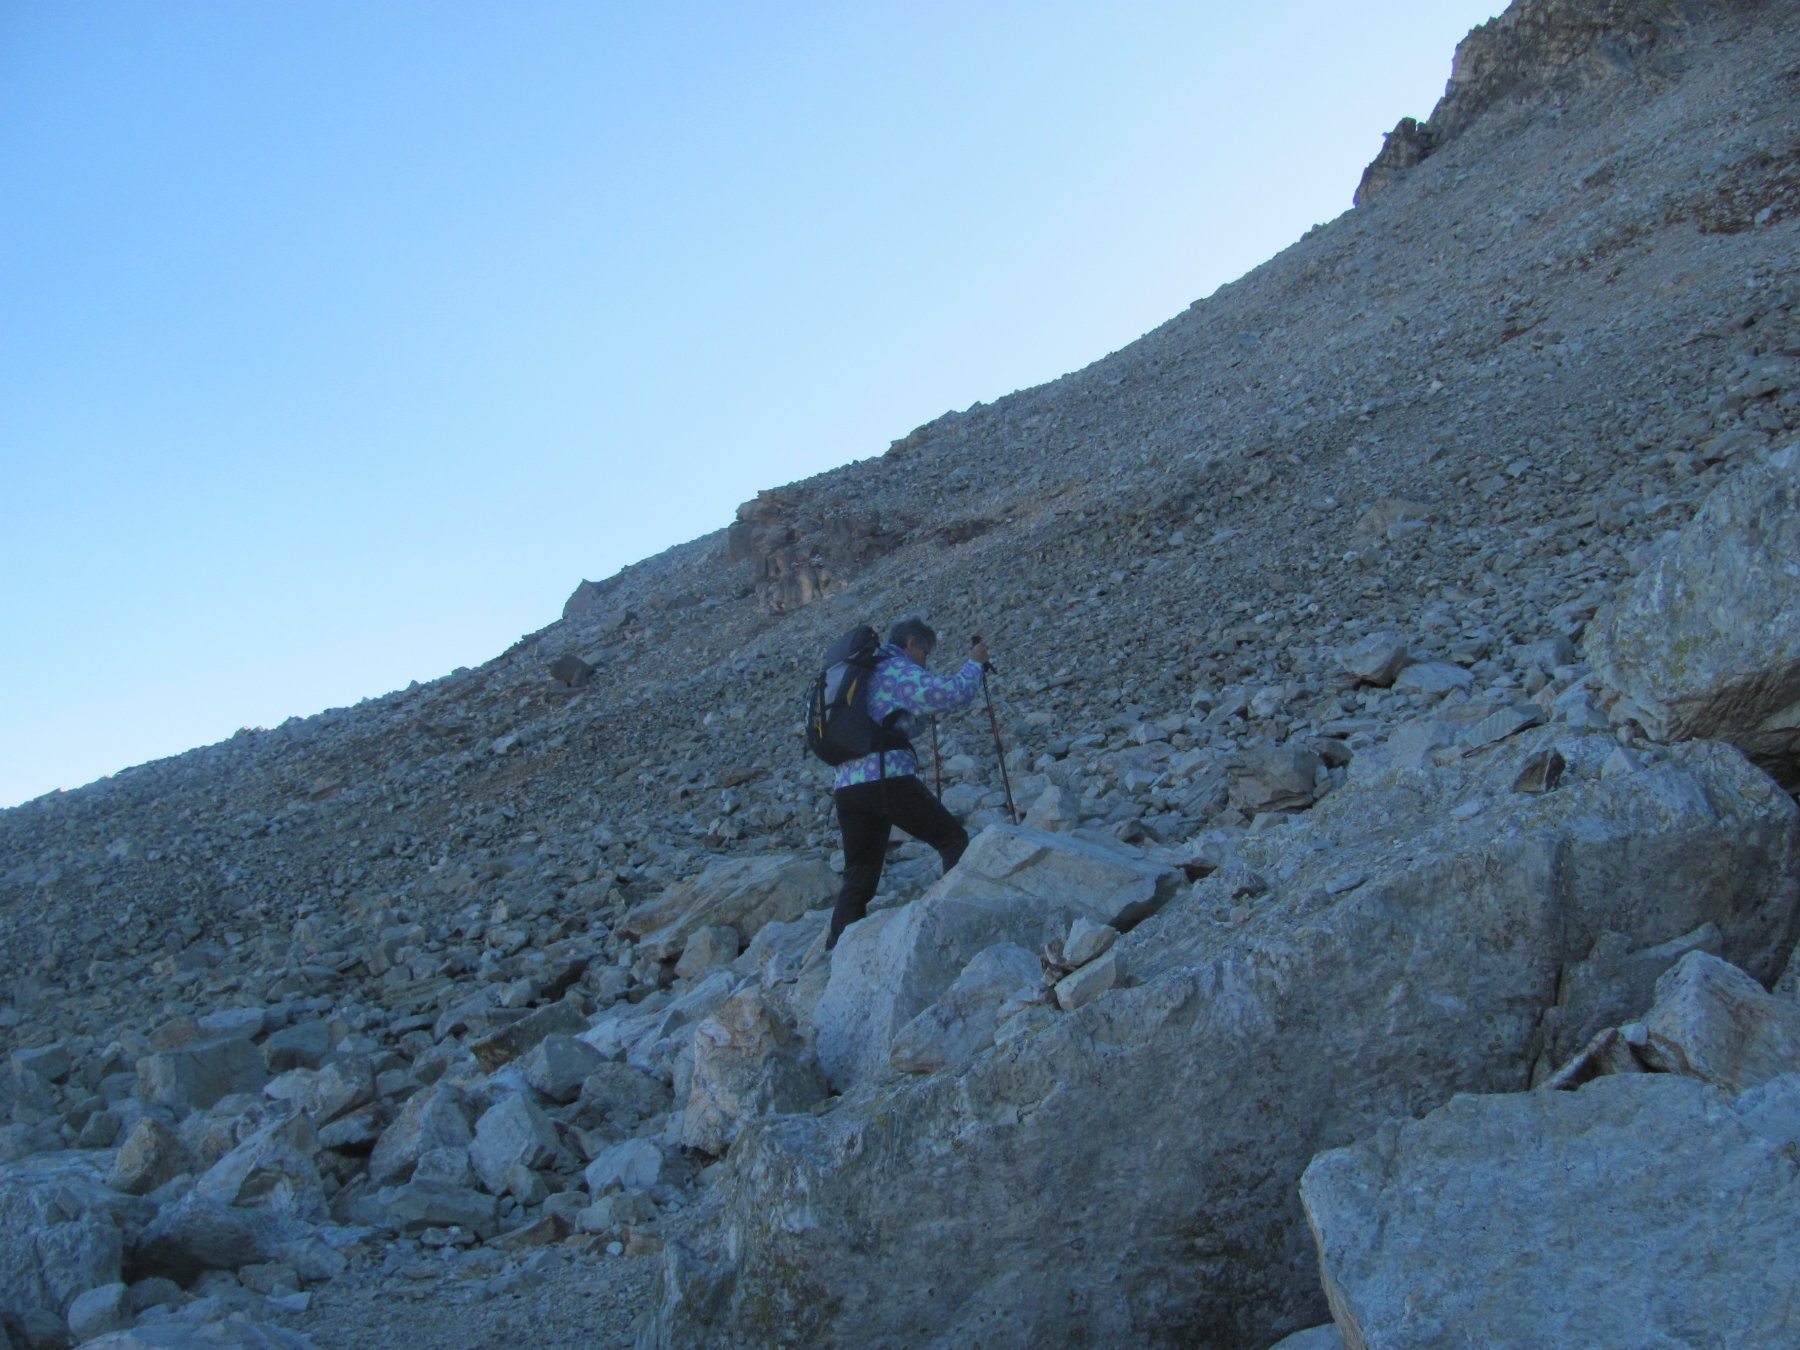 nella pietraia del versante nord del Pelvo